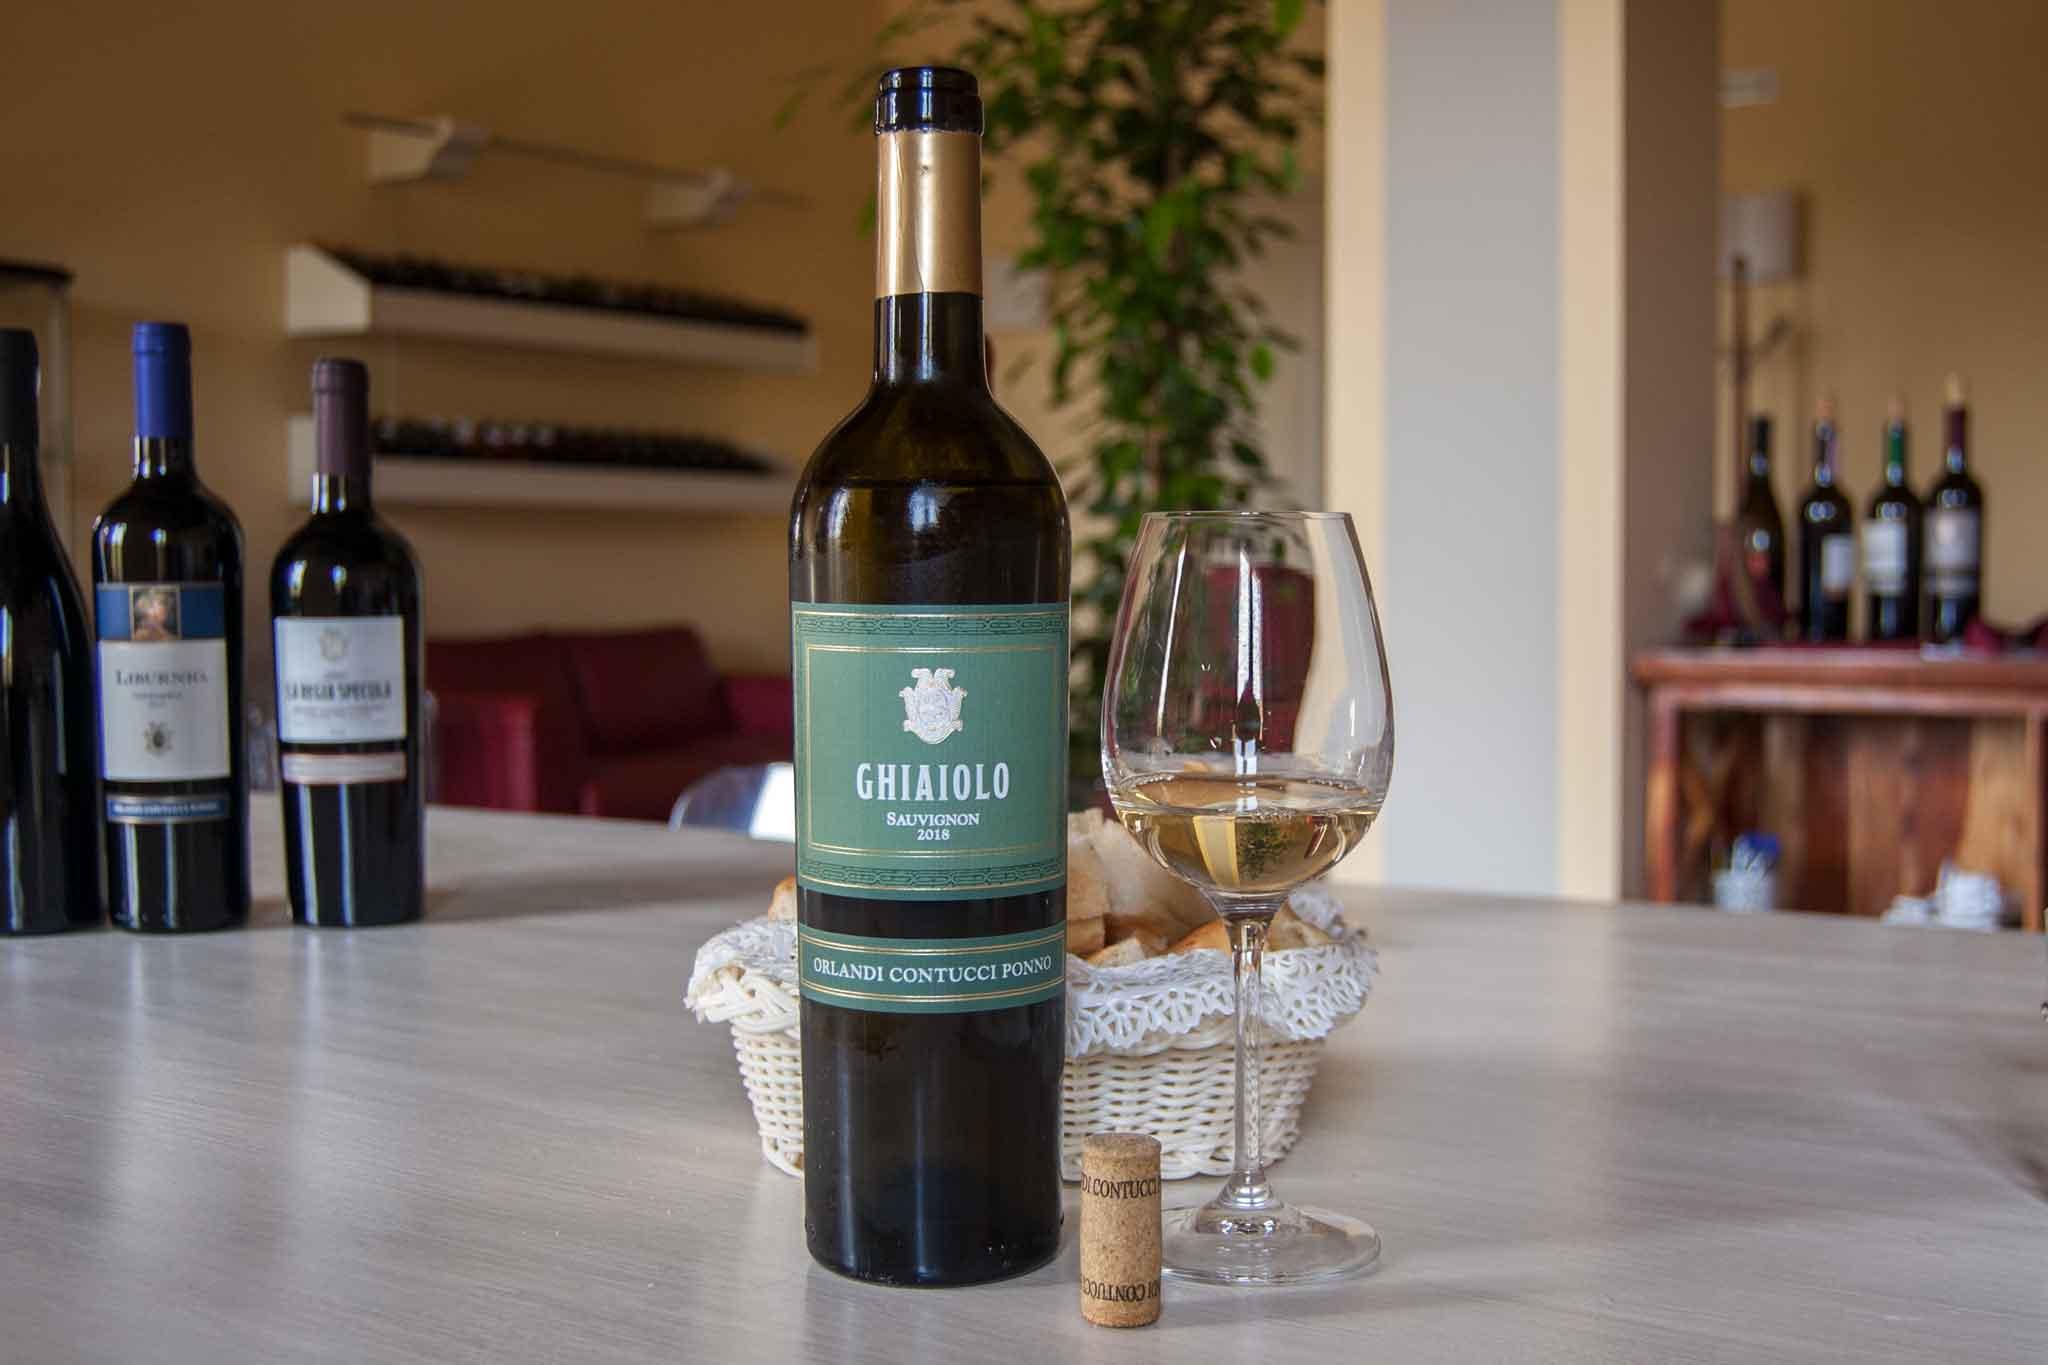 ottimo vino bianco sauvignon